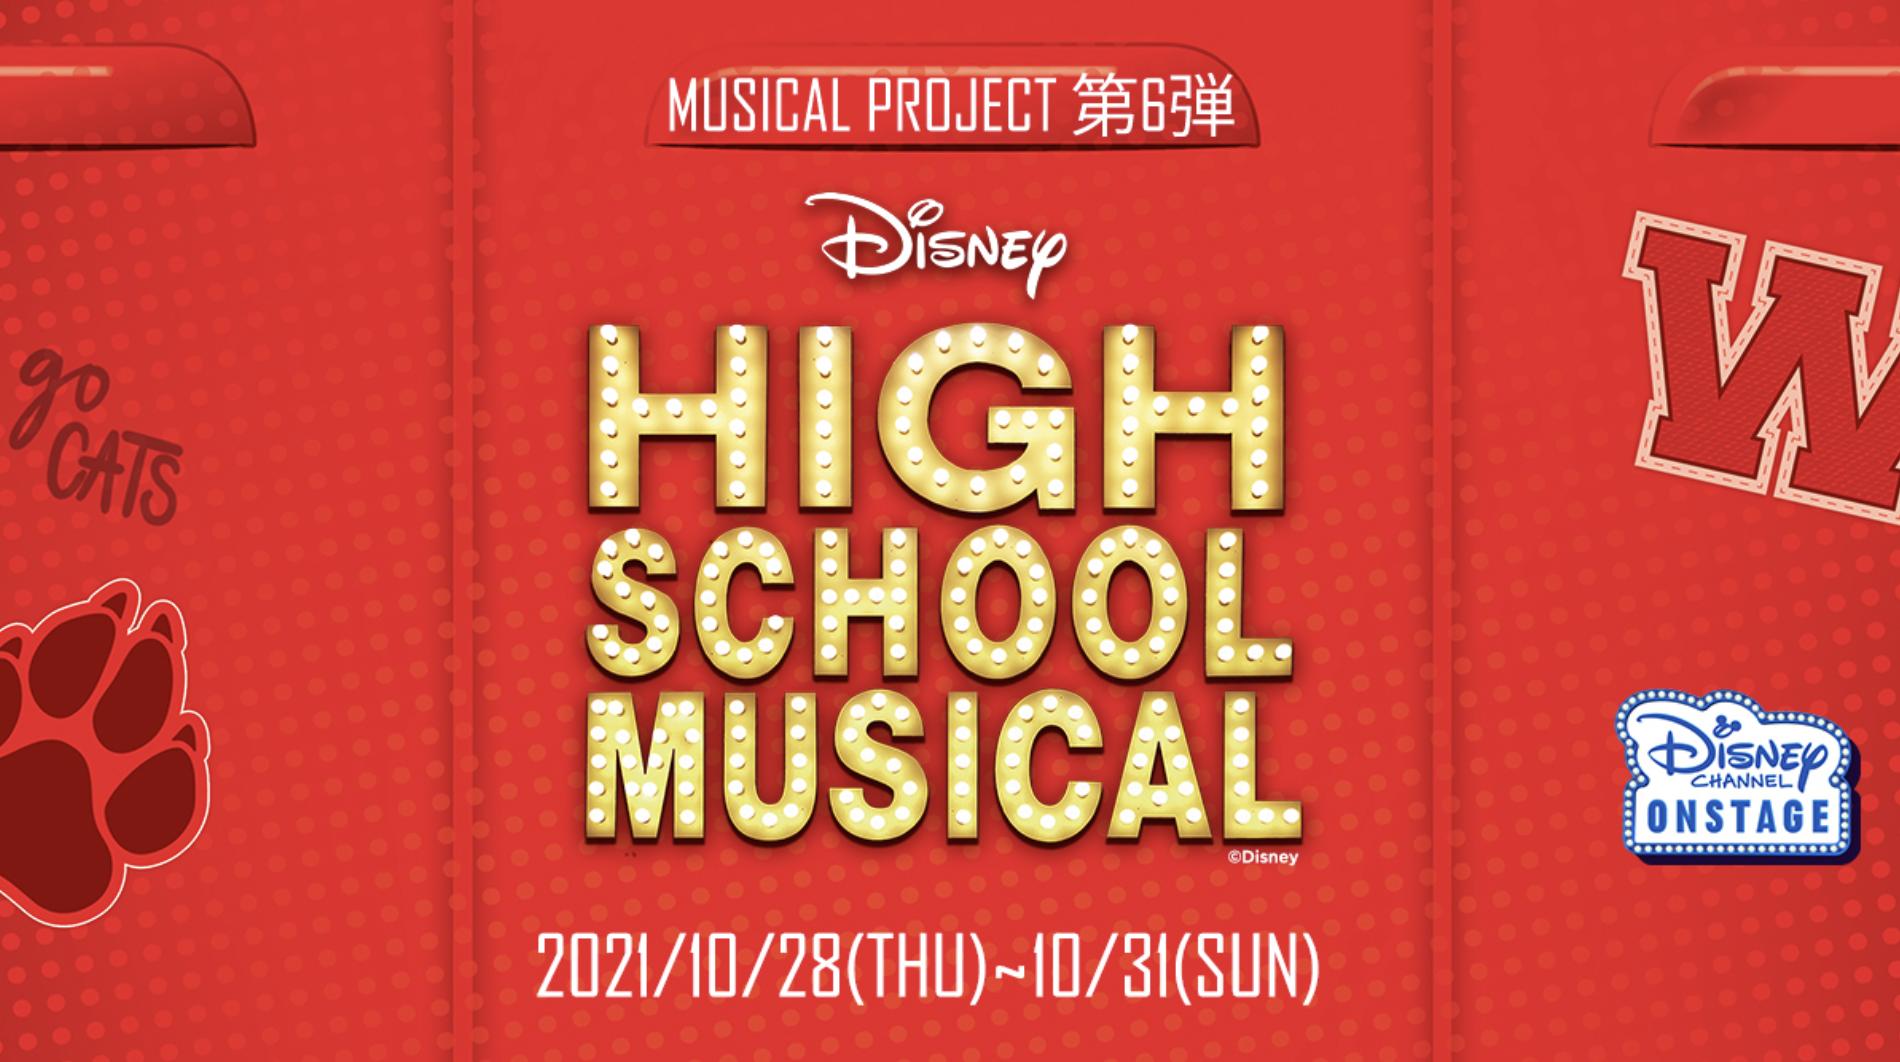 日本芸術学園 Disney HIGH SCHOOL MUSICAL 日本芸術学園が取り組む「ミュージカル・プロジェクト」第6弾!!